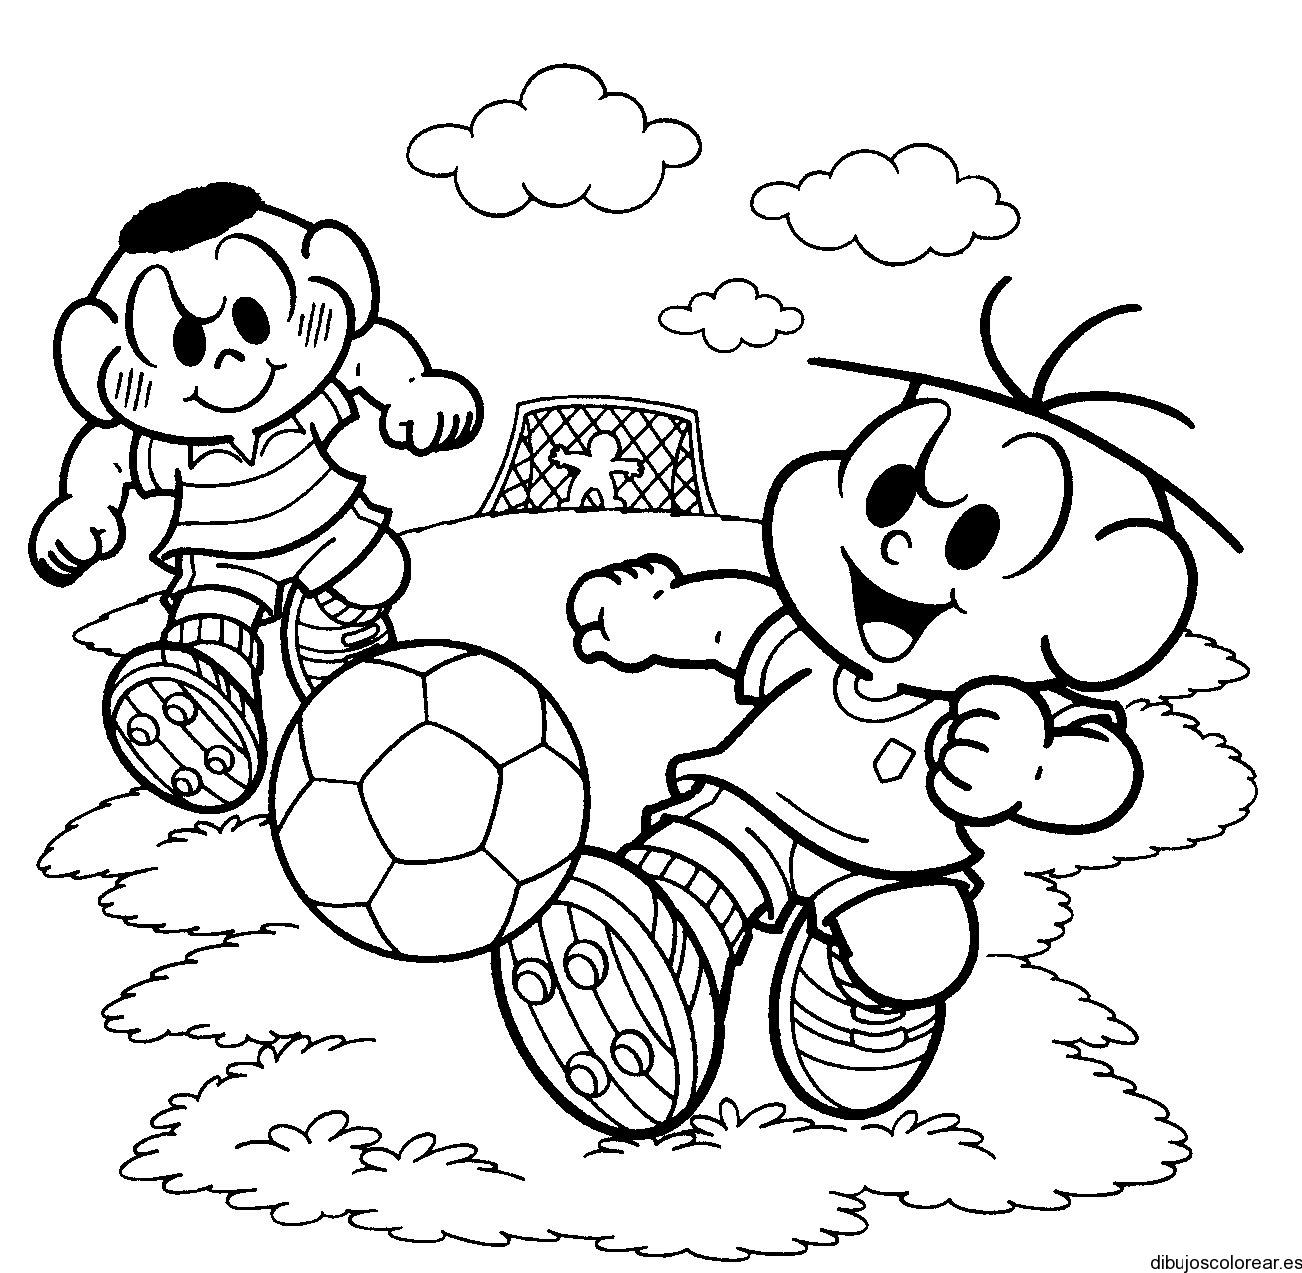 Dibujo de niños jugando pelota | Dibujos para Colorear